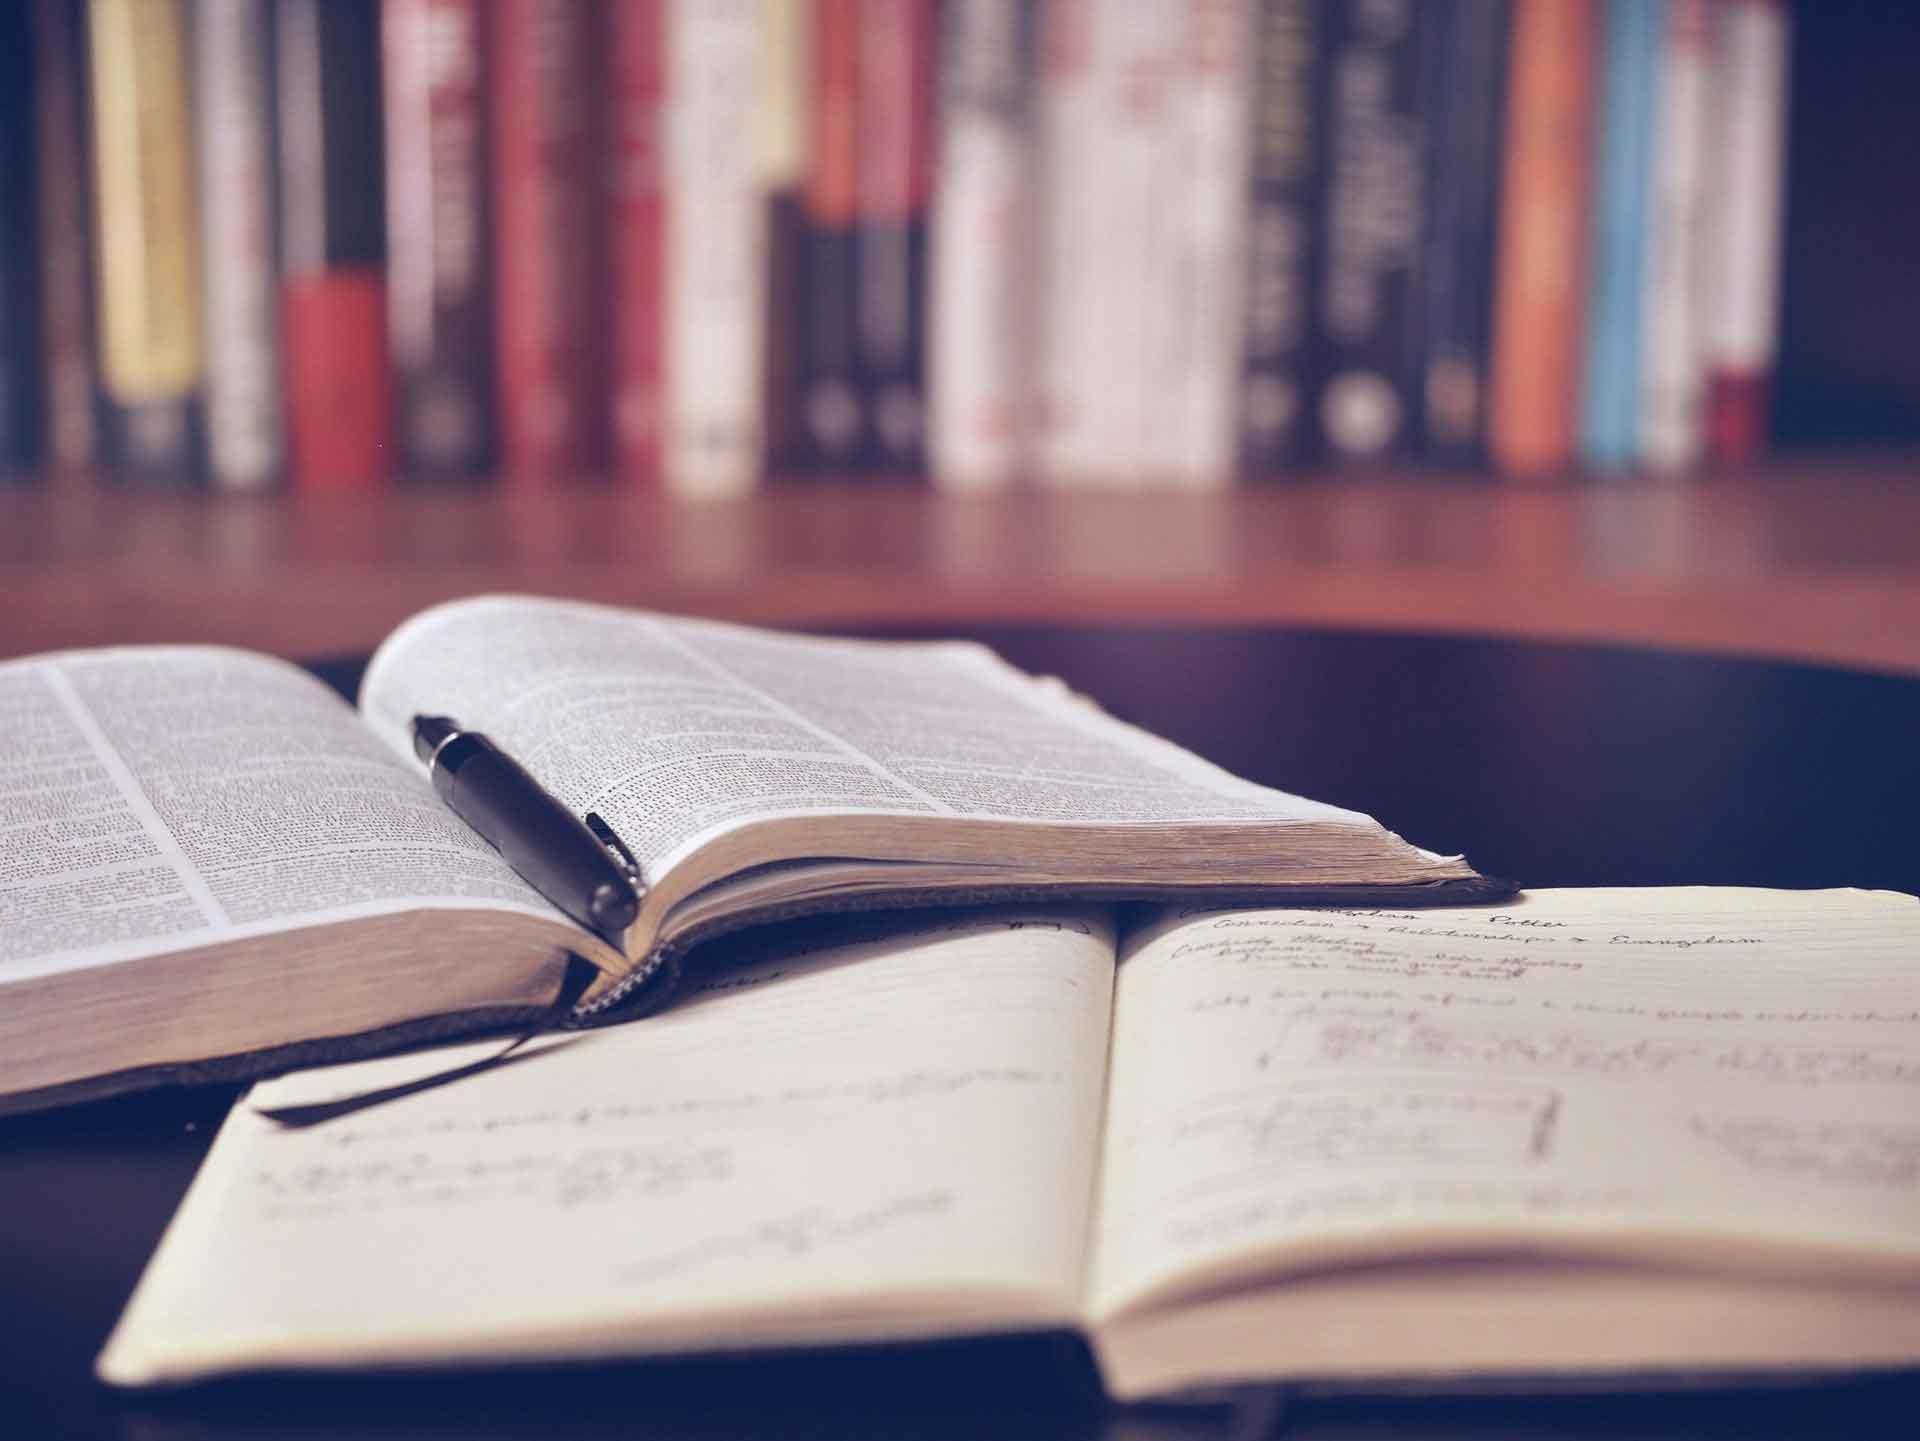 belajar bahasa indonesia bagi orang asing dengan cara membaca dan menulis